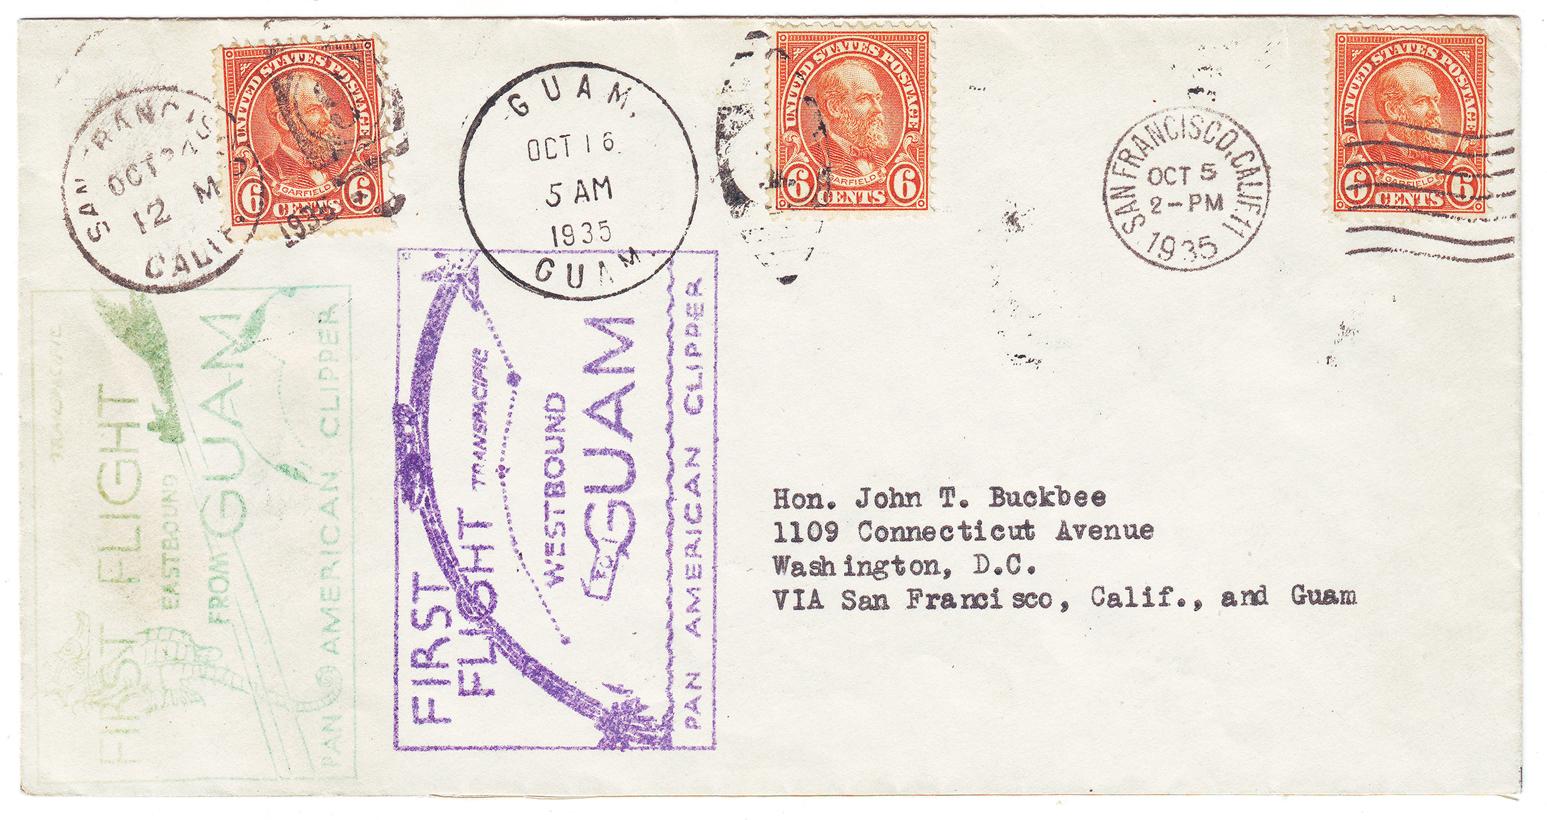 overcarriedbothdirectionsonthefirstcommercialflightsbetweenuamandthenitedtates,ctober524,1935.